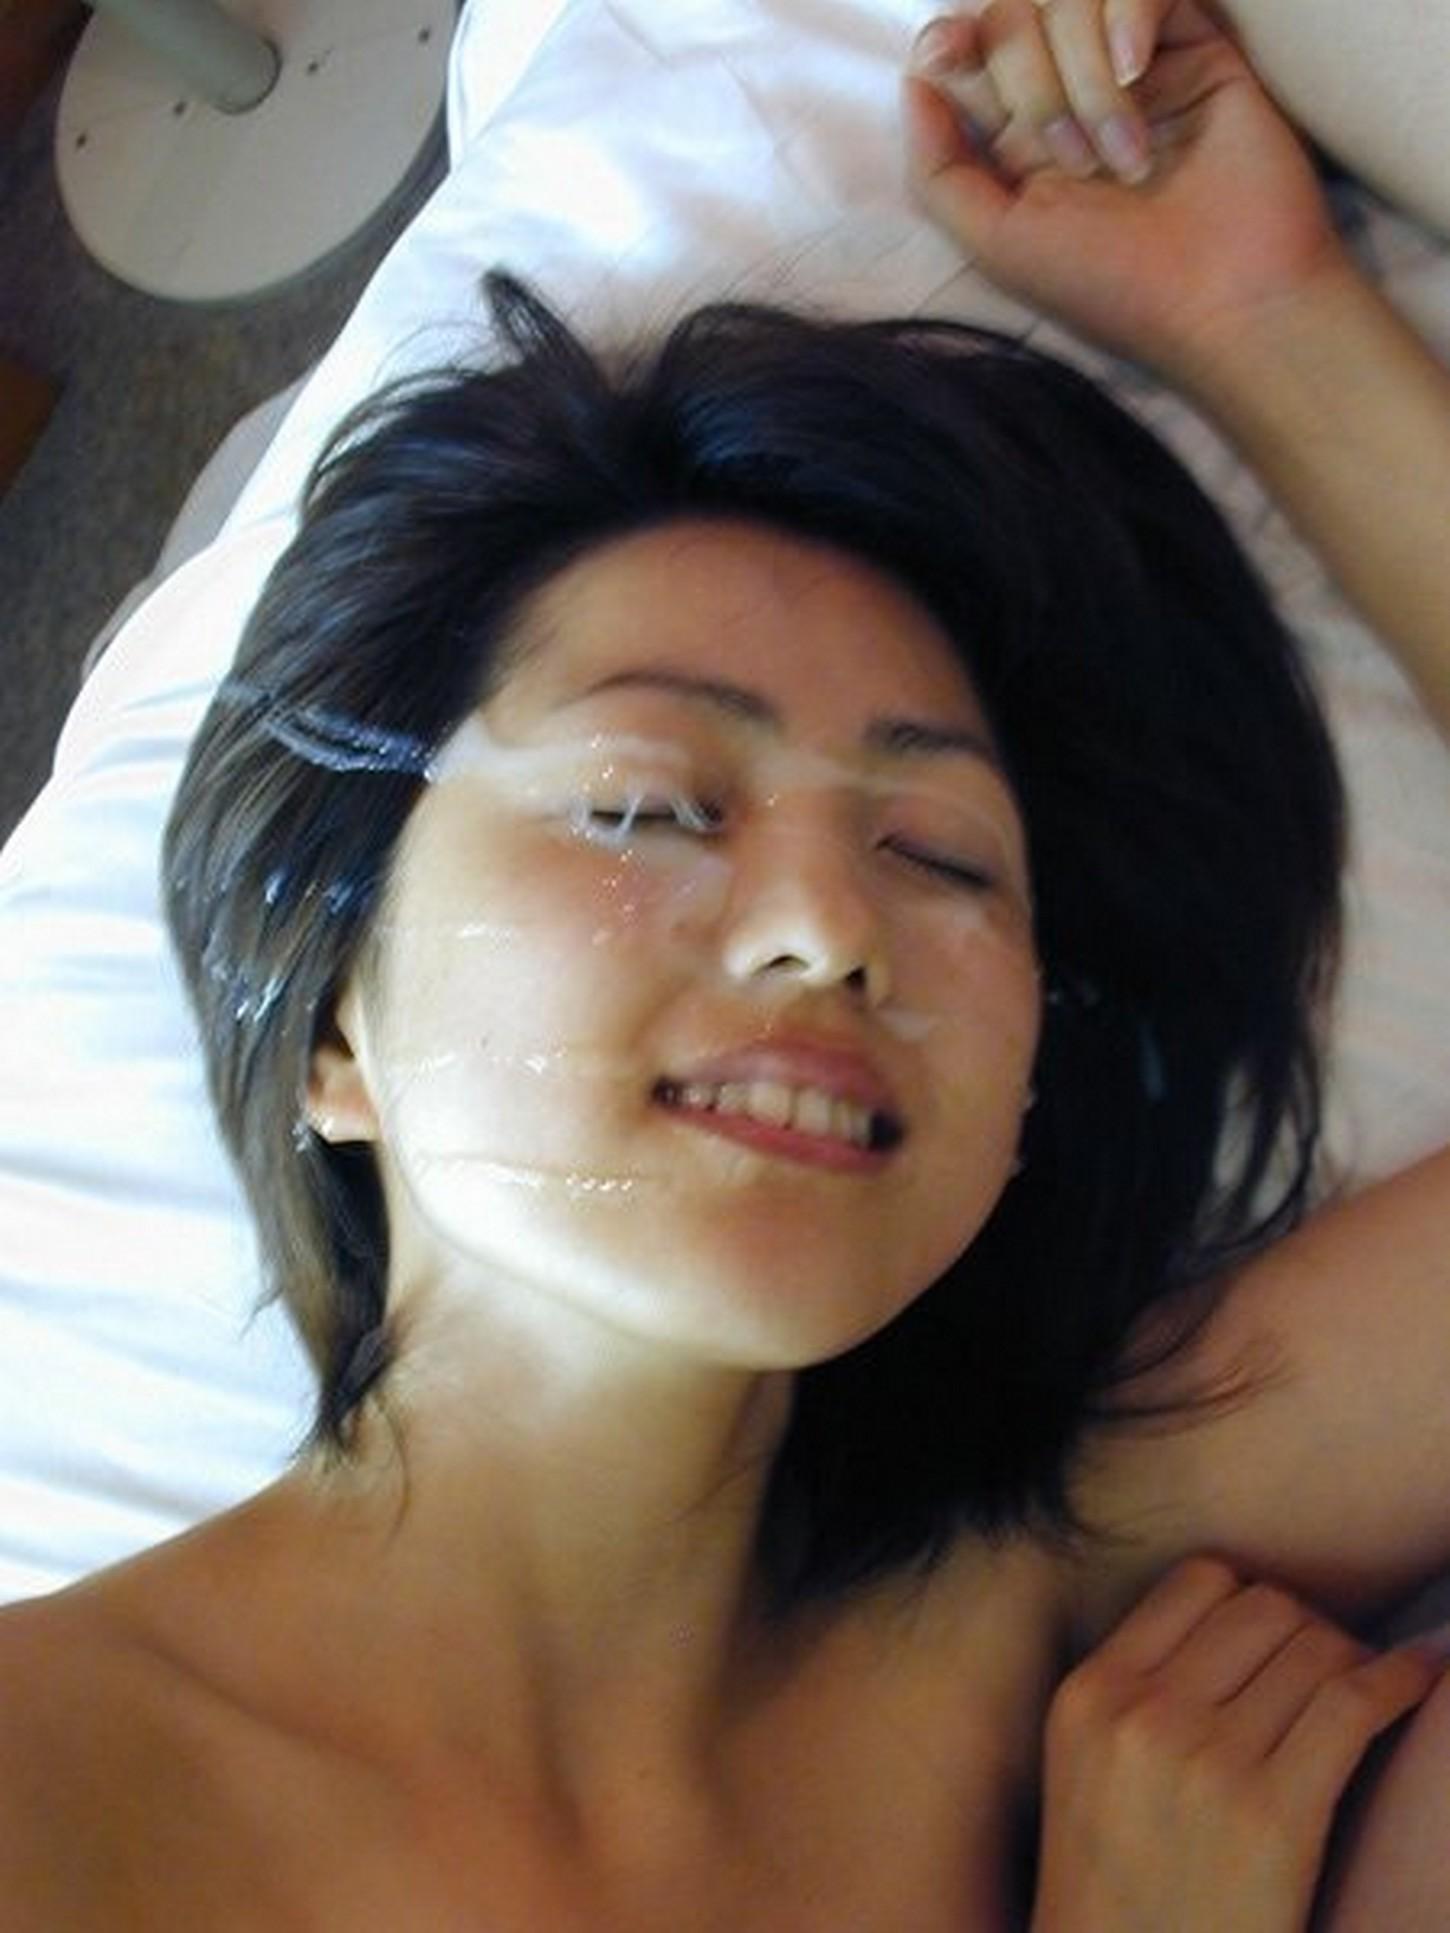 Asian facial cum